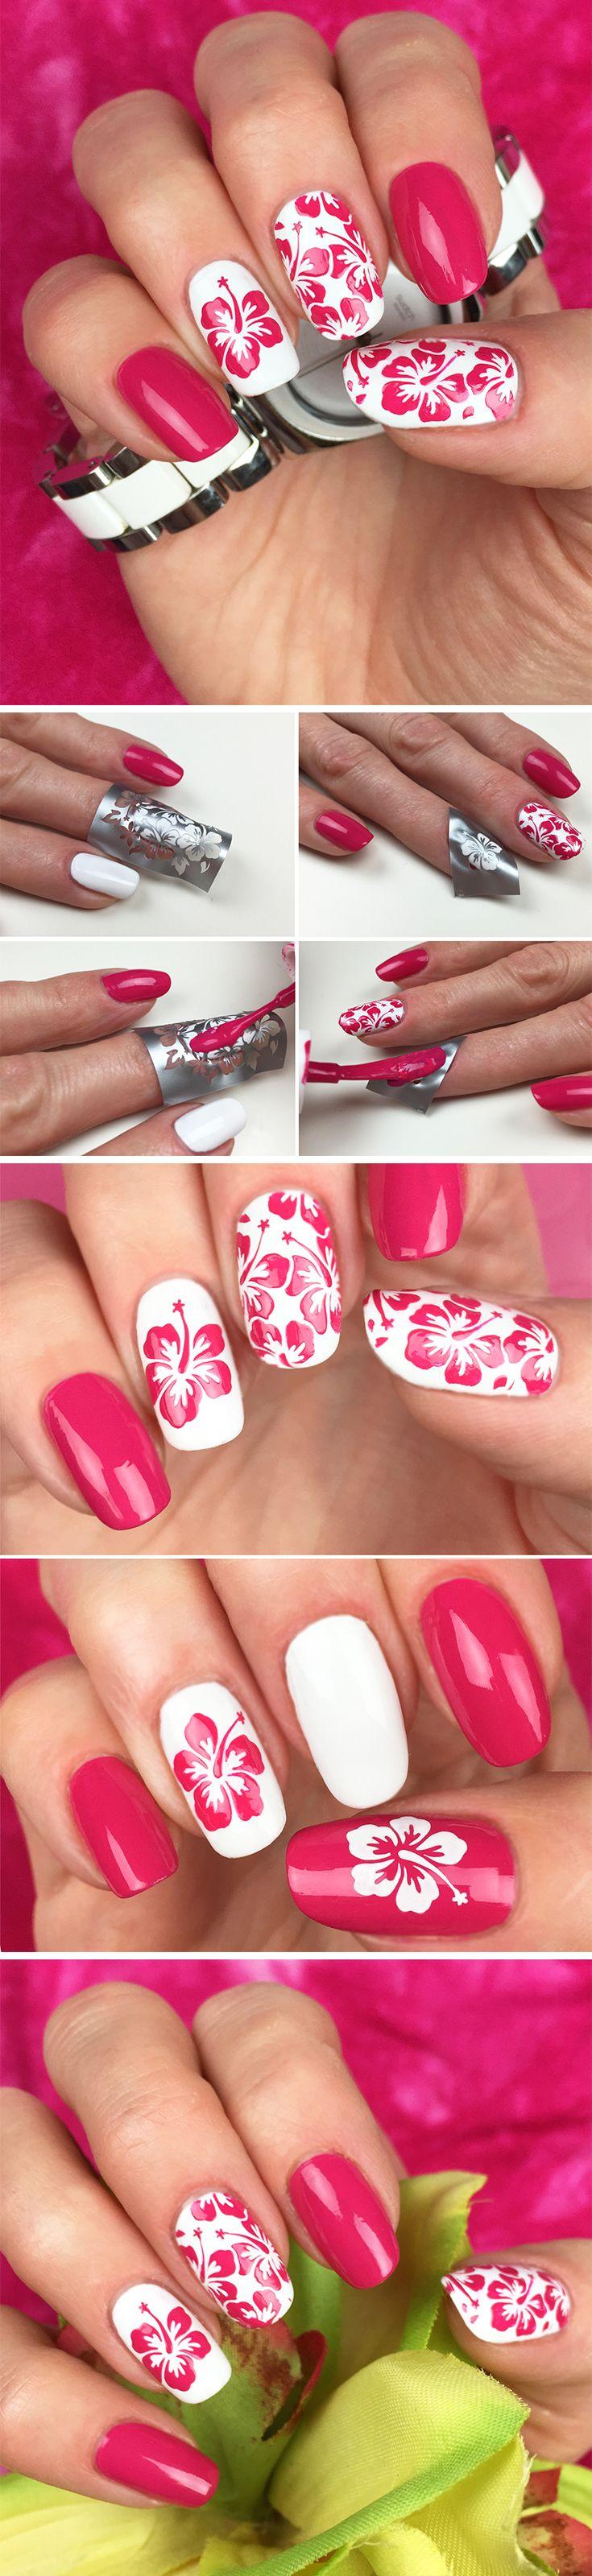 Aloha Nail Art Stencils - incredible nail art vinyls by Unail ...